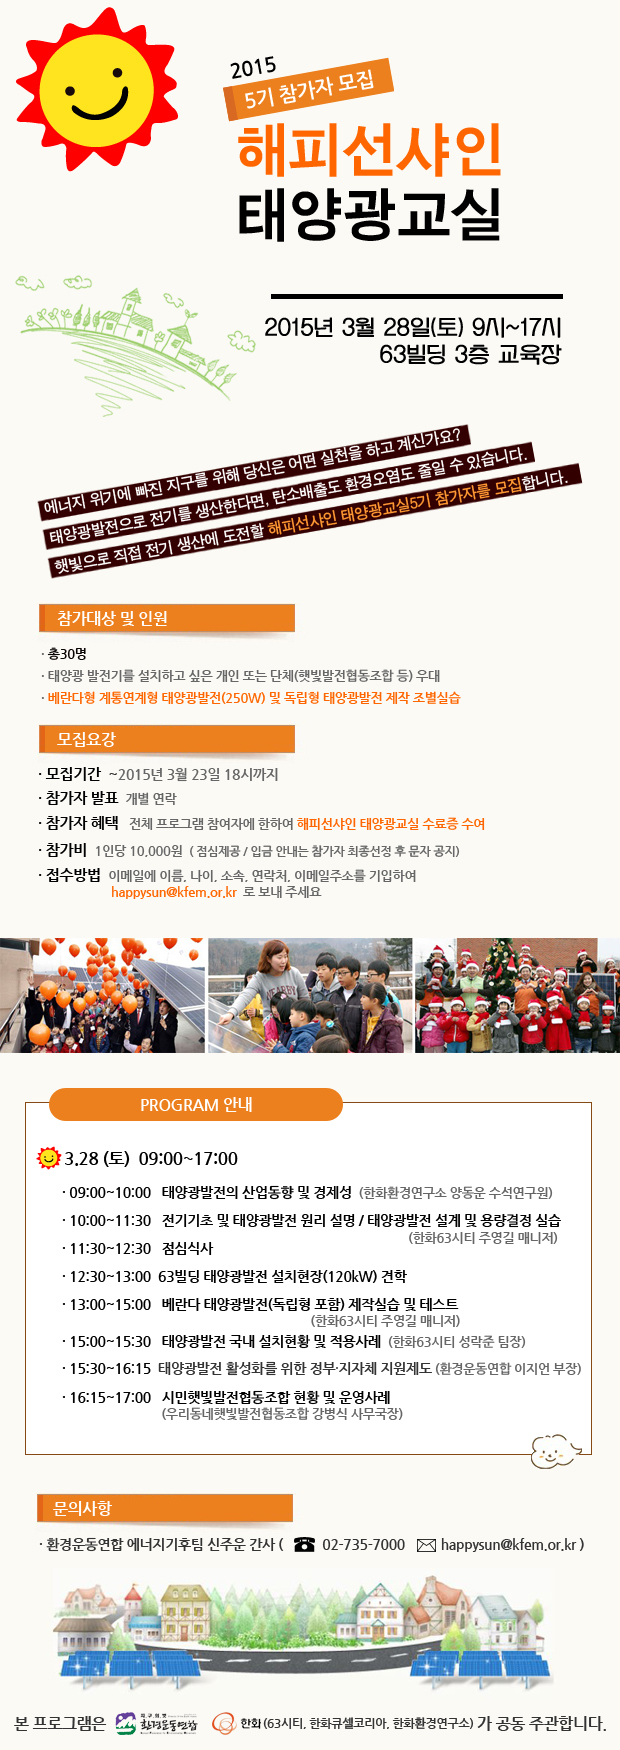 2015 03 16 해피선샤인 태양광교실_5기 (1)